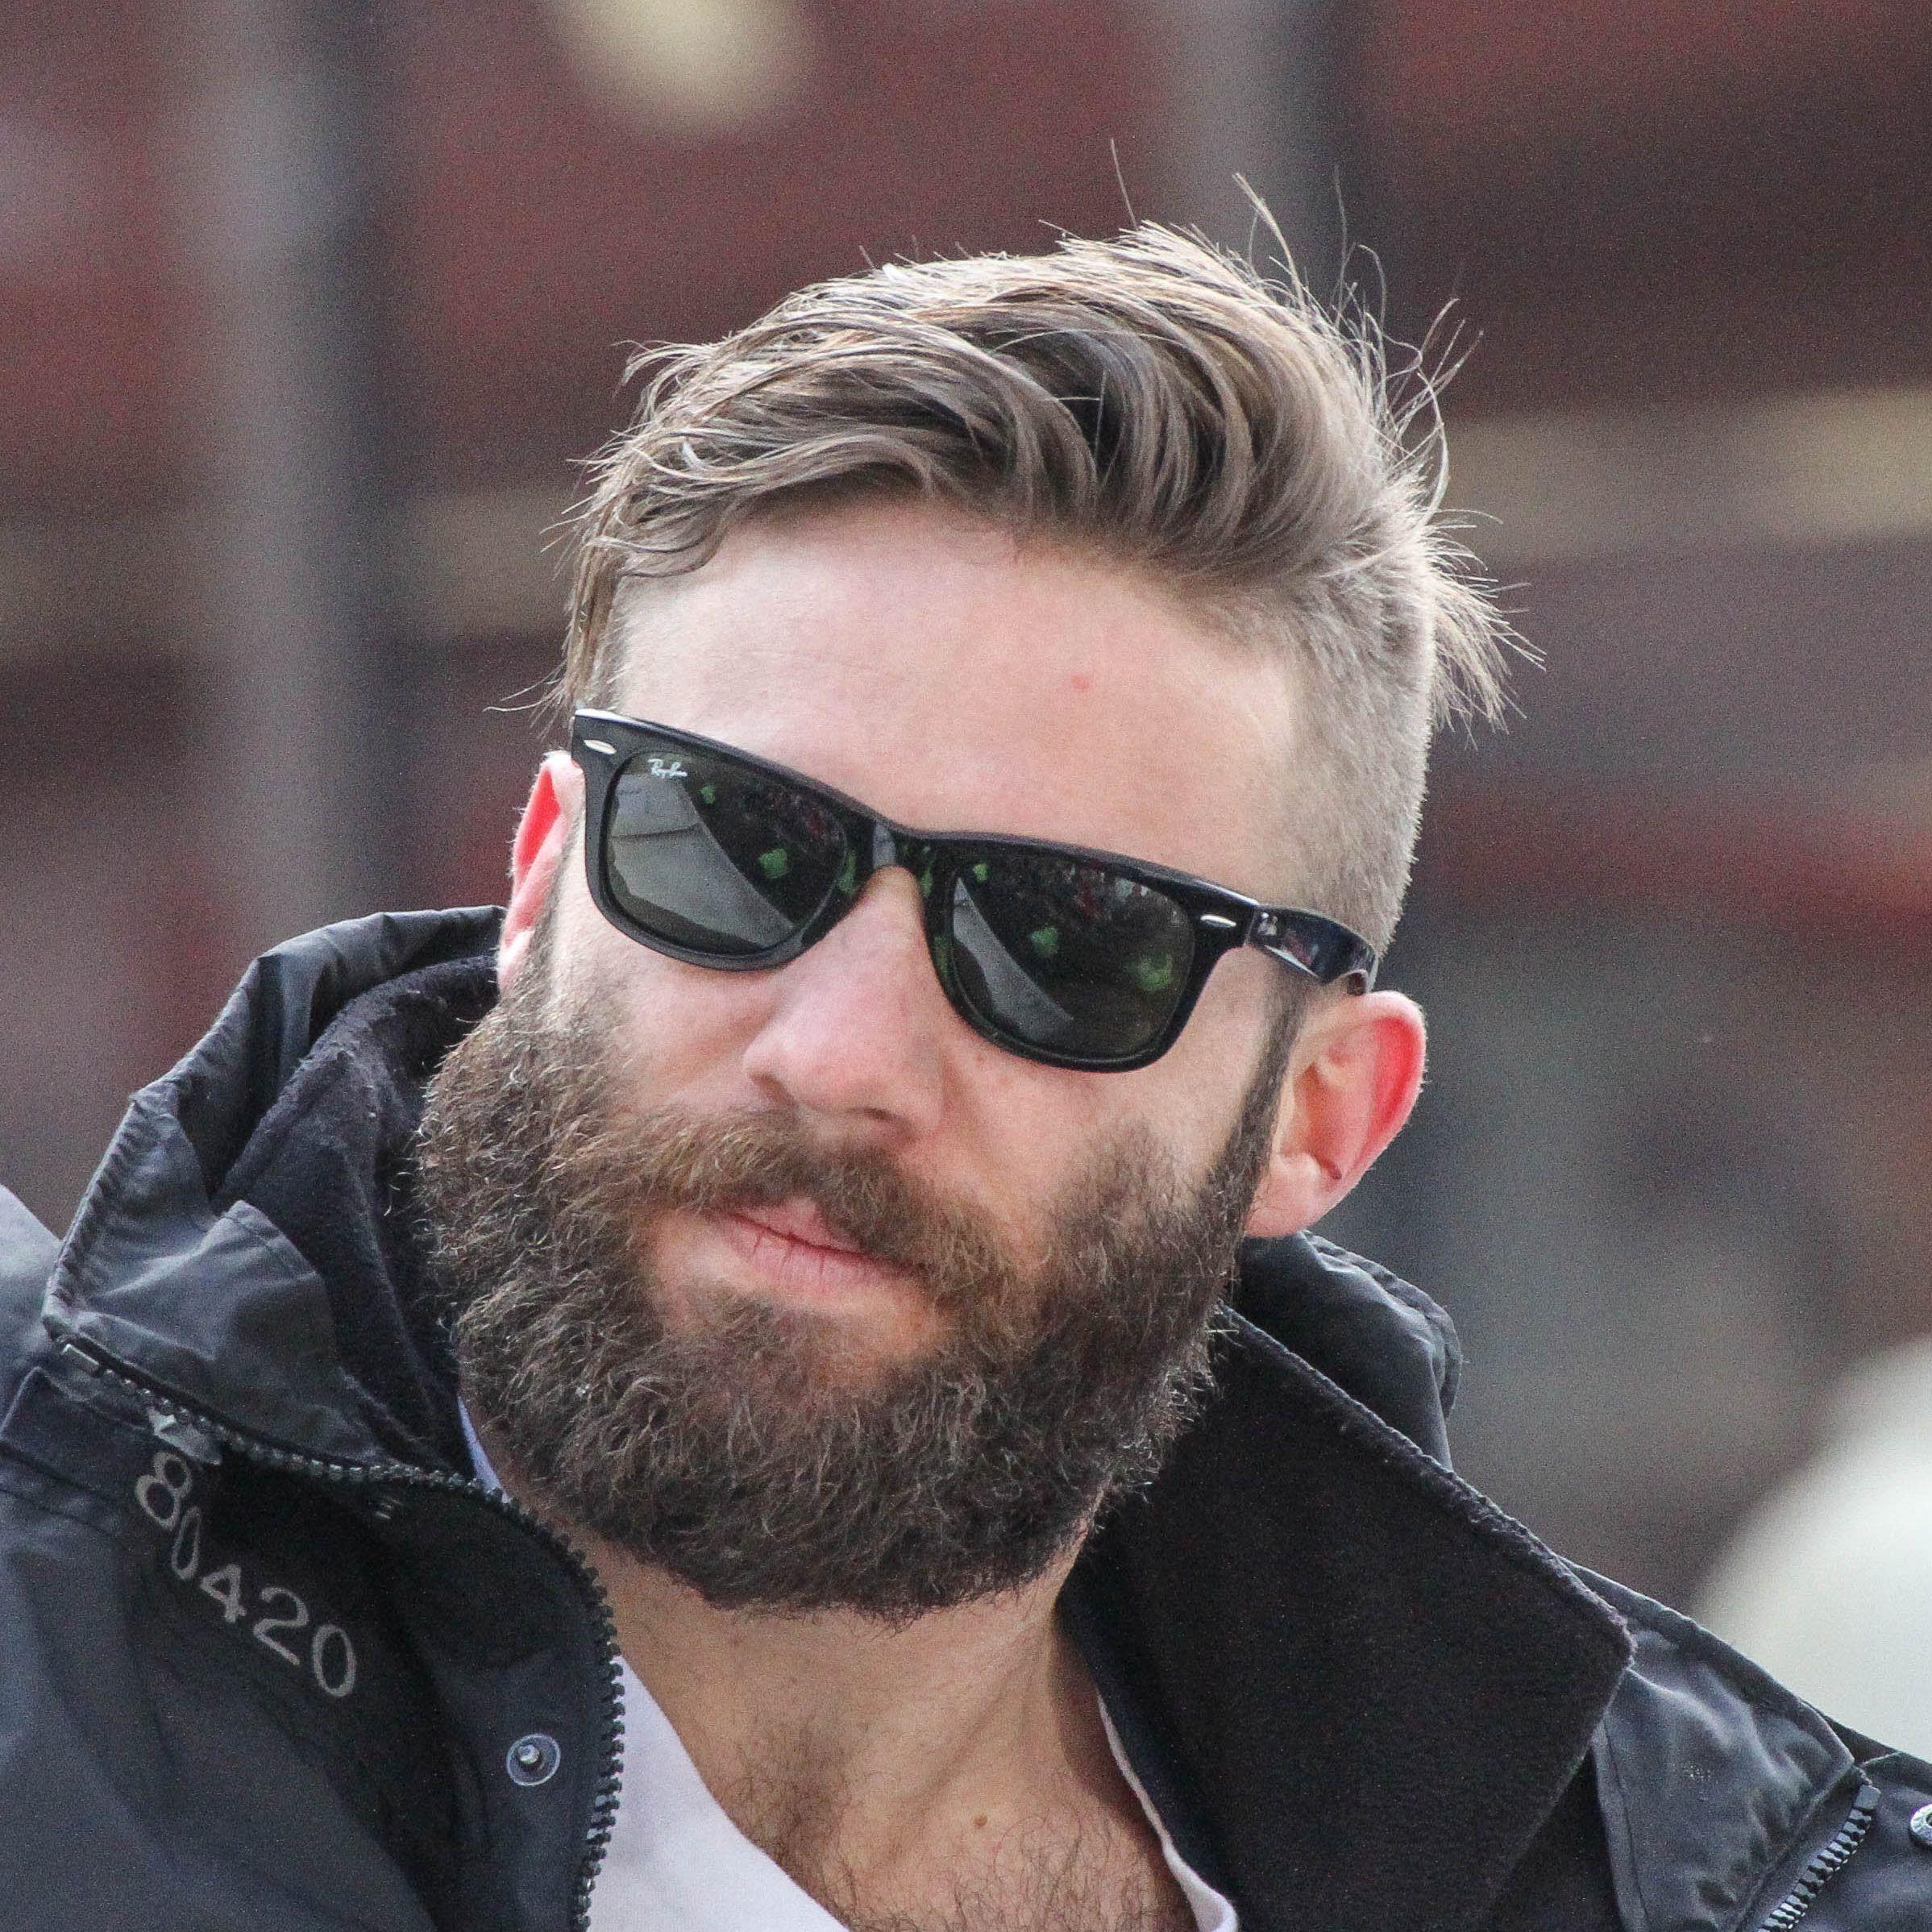 Julian Edelman Haircut In 2020 Julian Edelman Mens Hairstyles Julian Edelman Beard